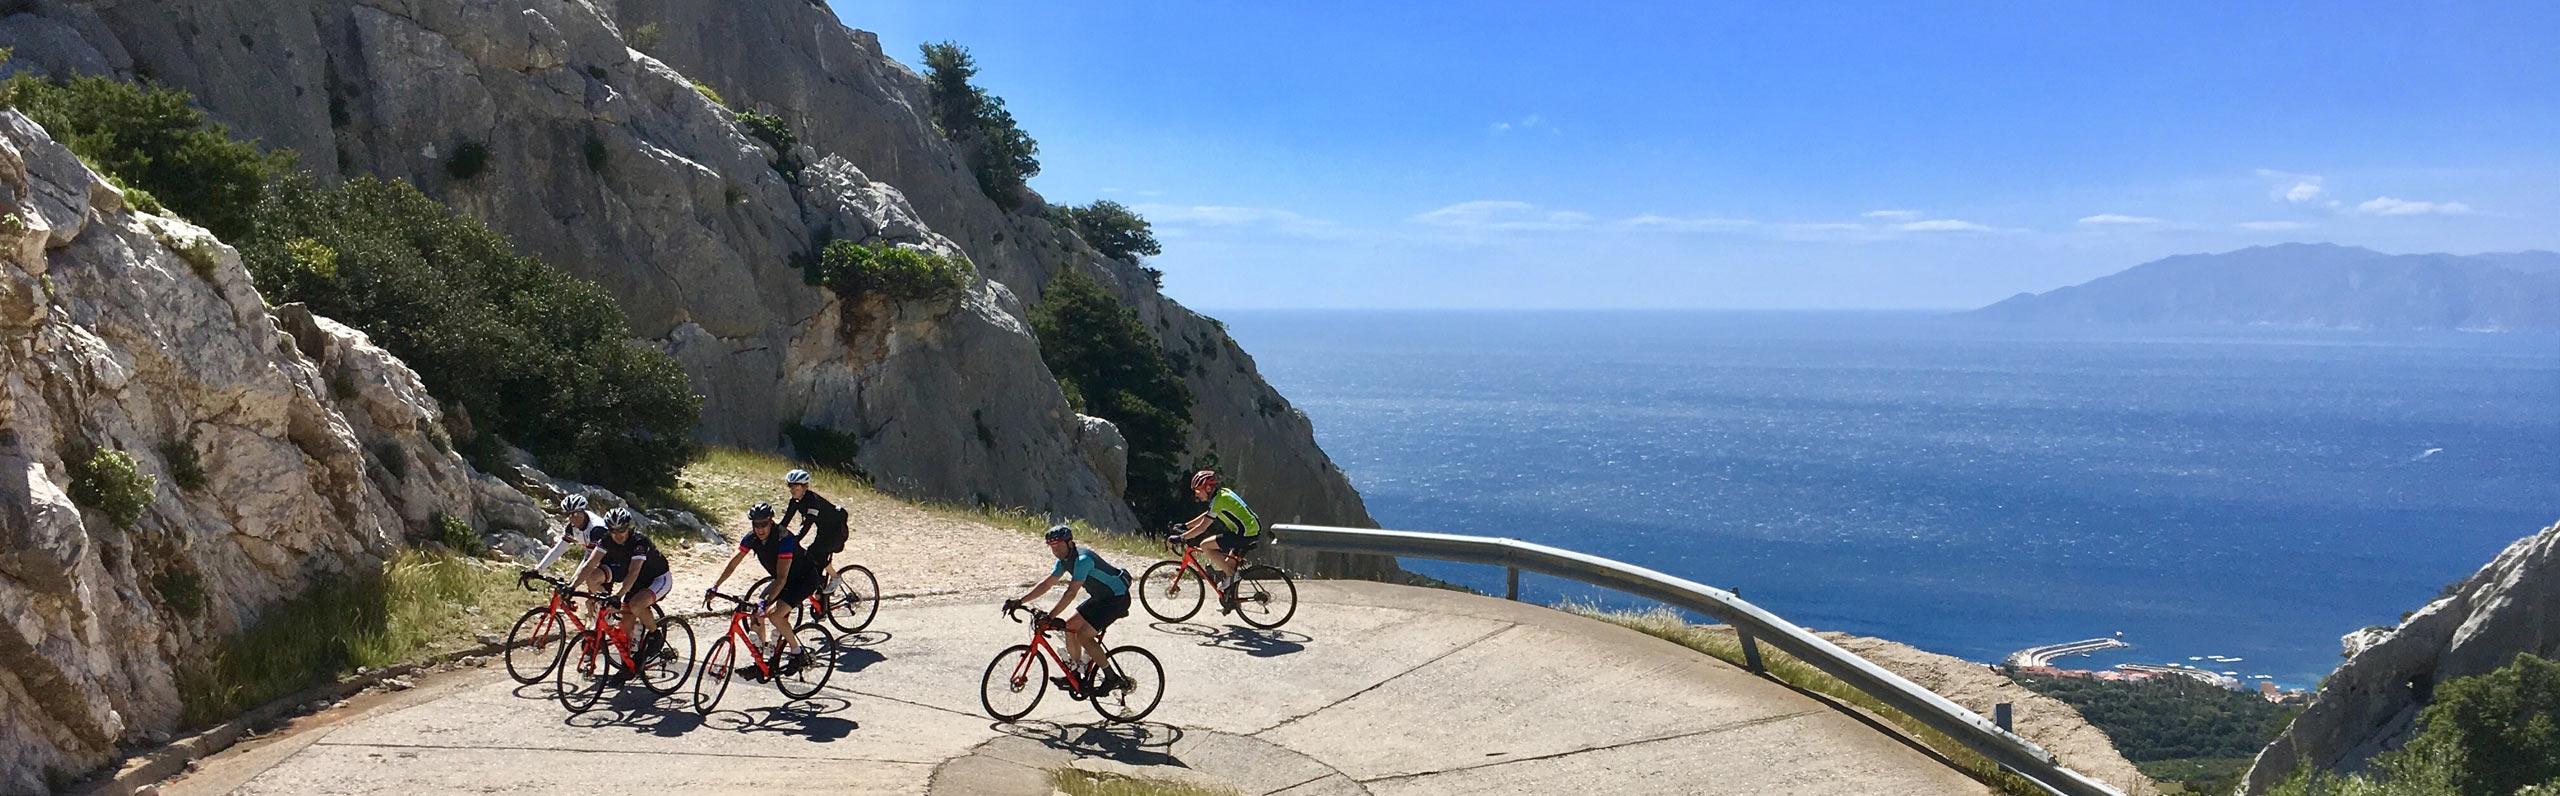 bici-rennrad-aktivferien-sardinien